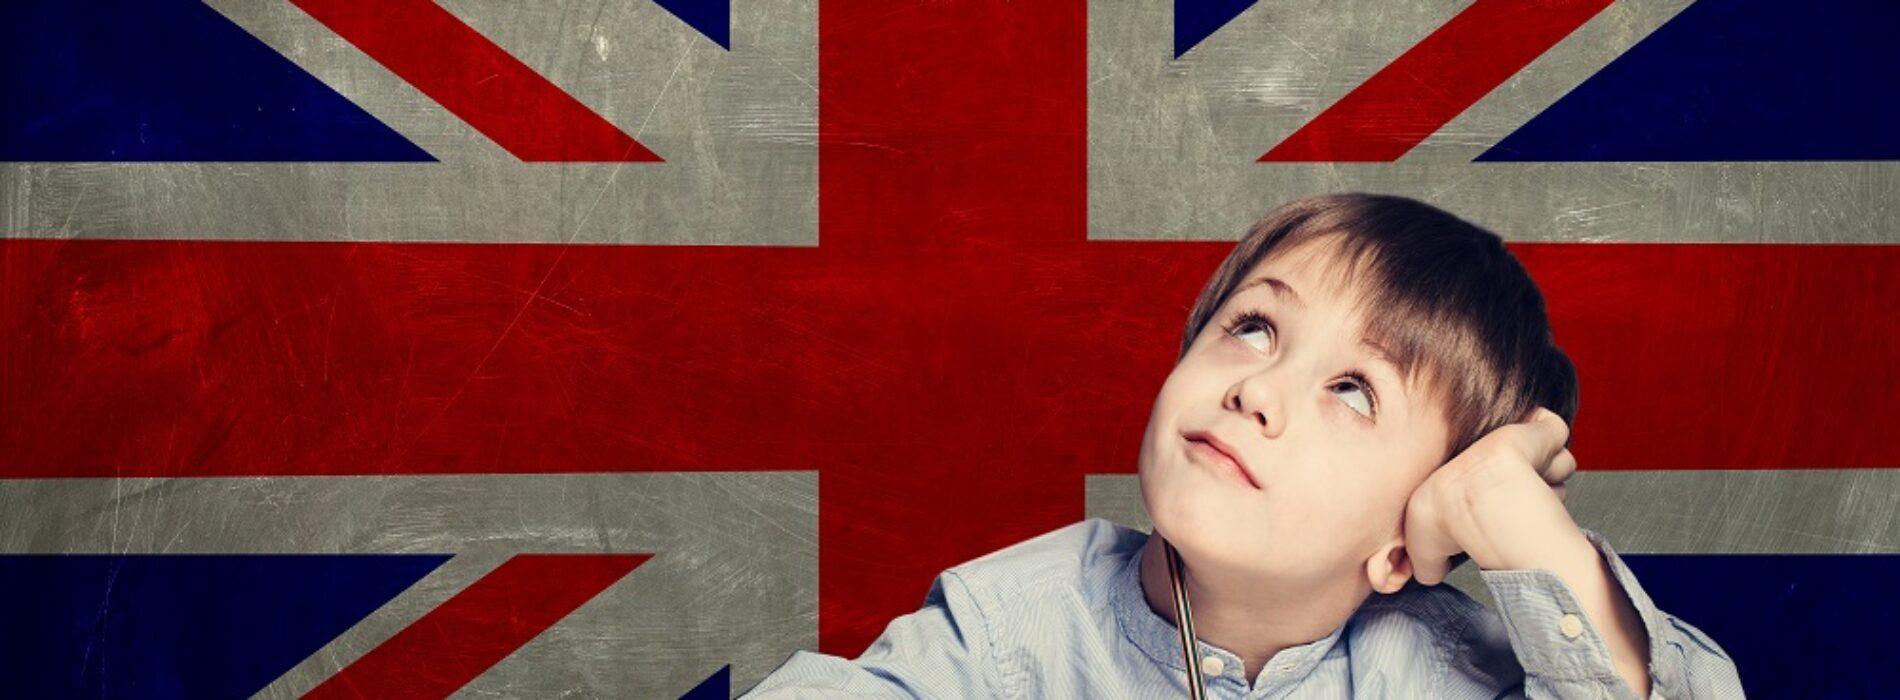 Od kiedy dziecko powinno uczyć się języka angielskiego?